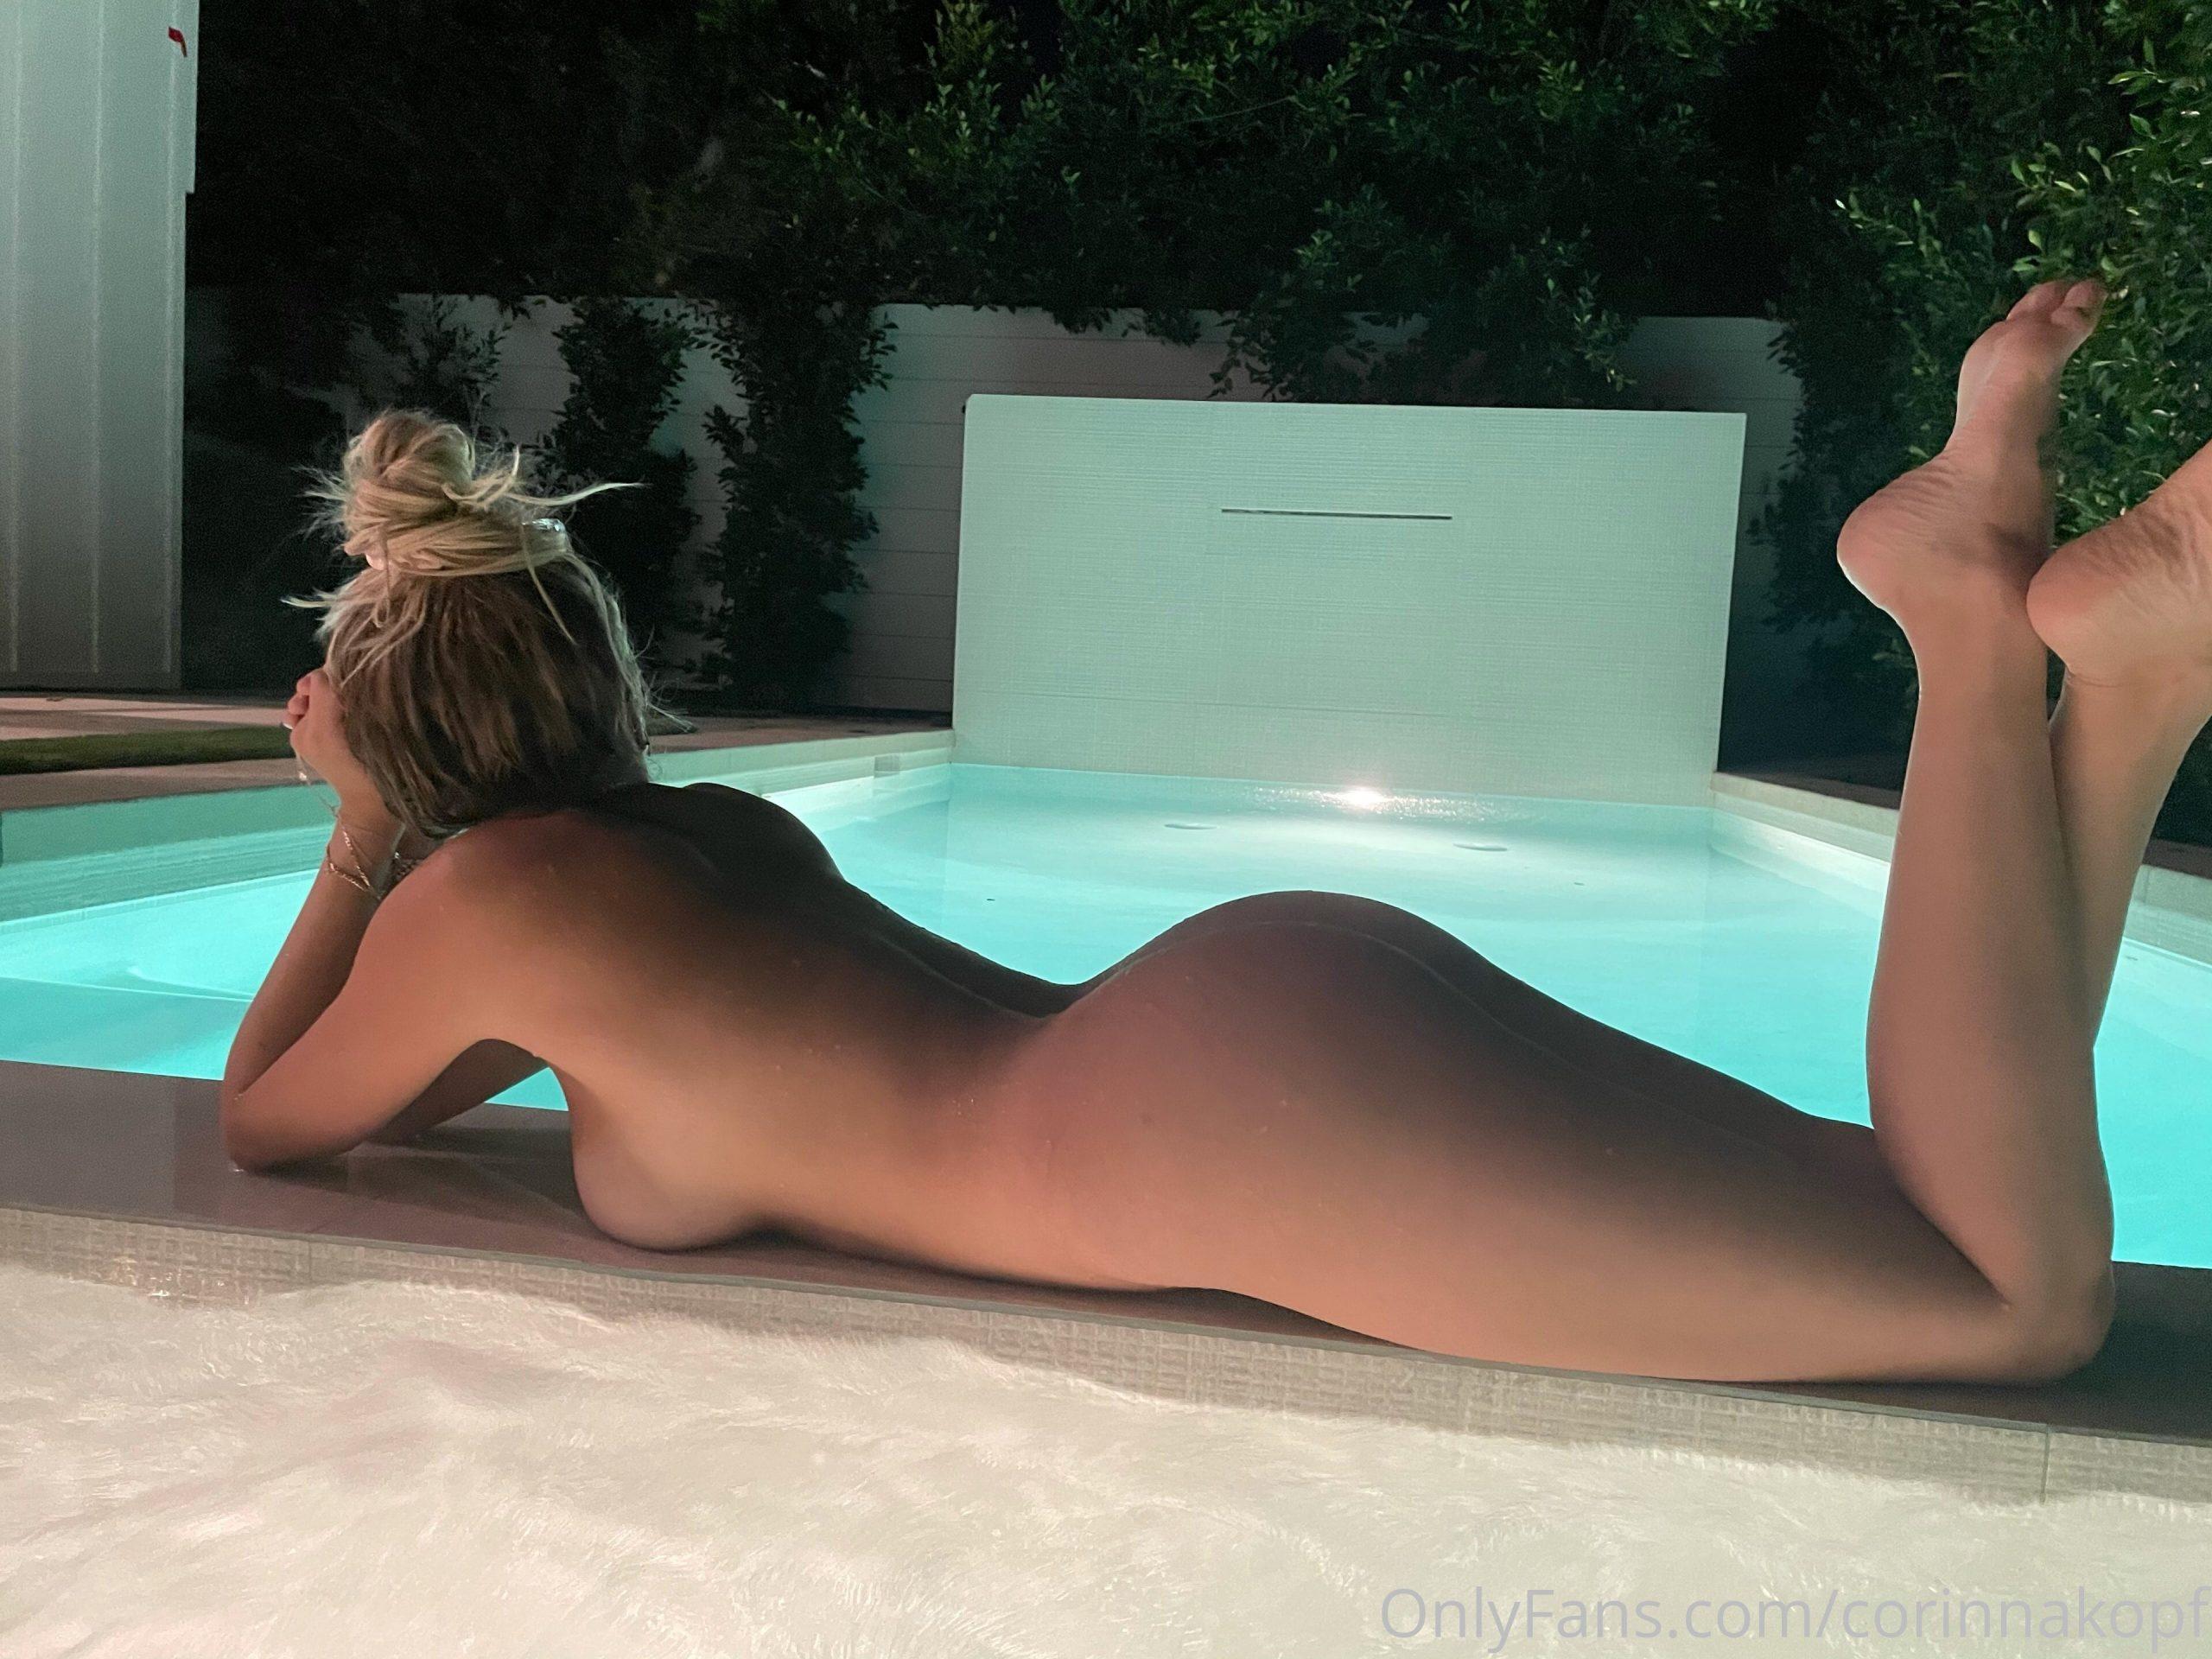 Corinna Kopf Onlyfans Leaked (17)